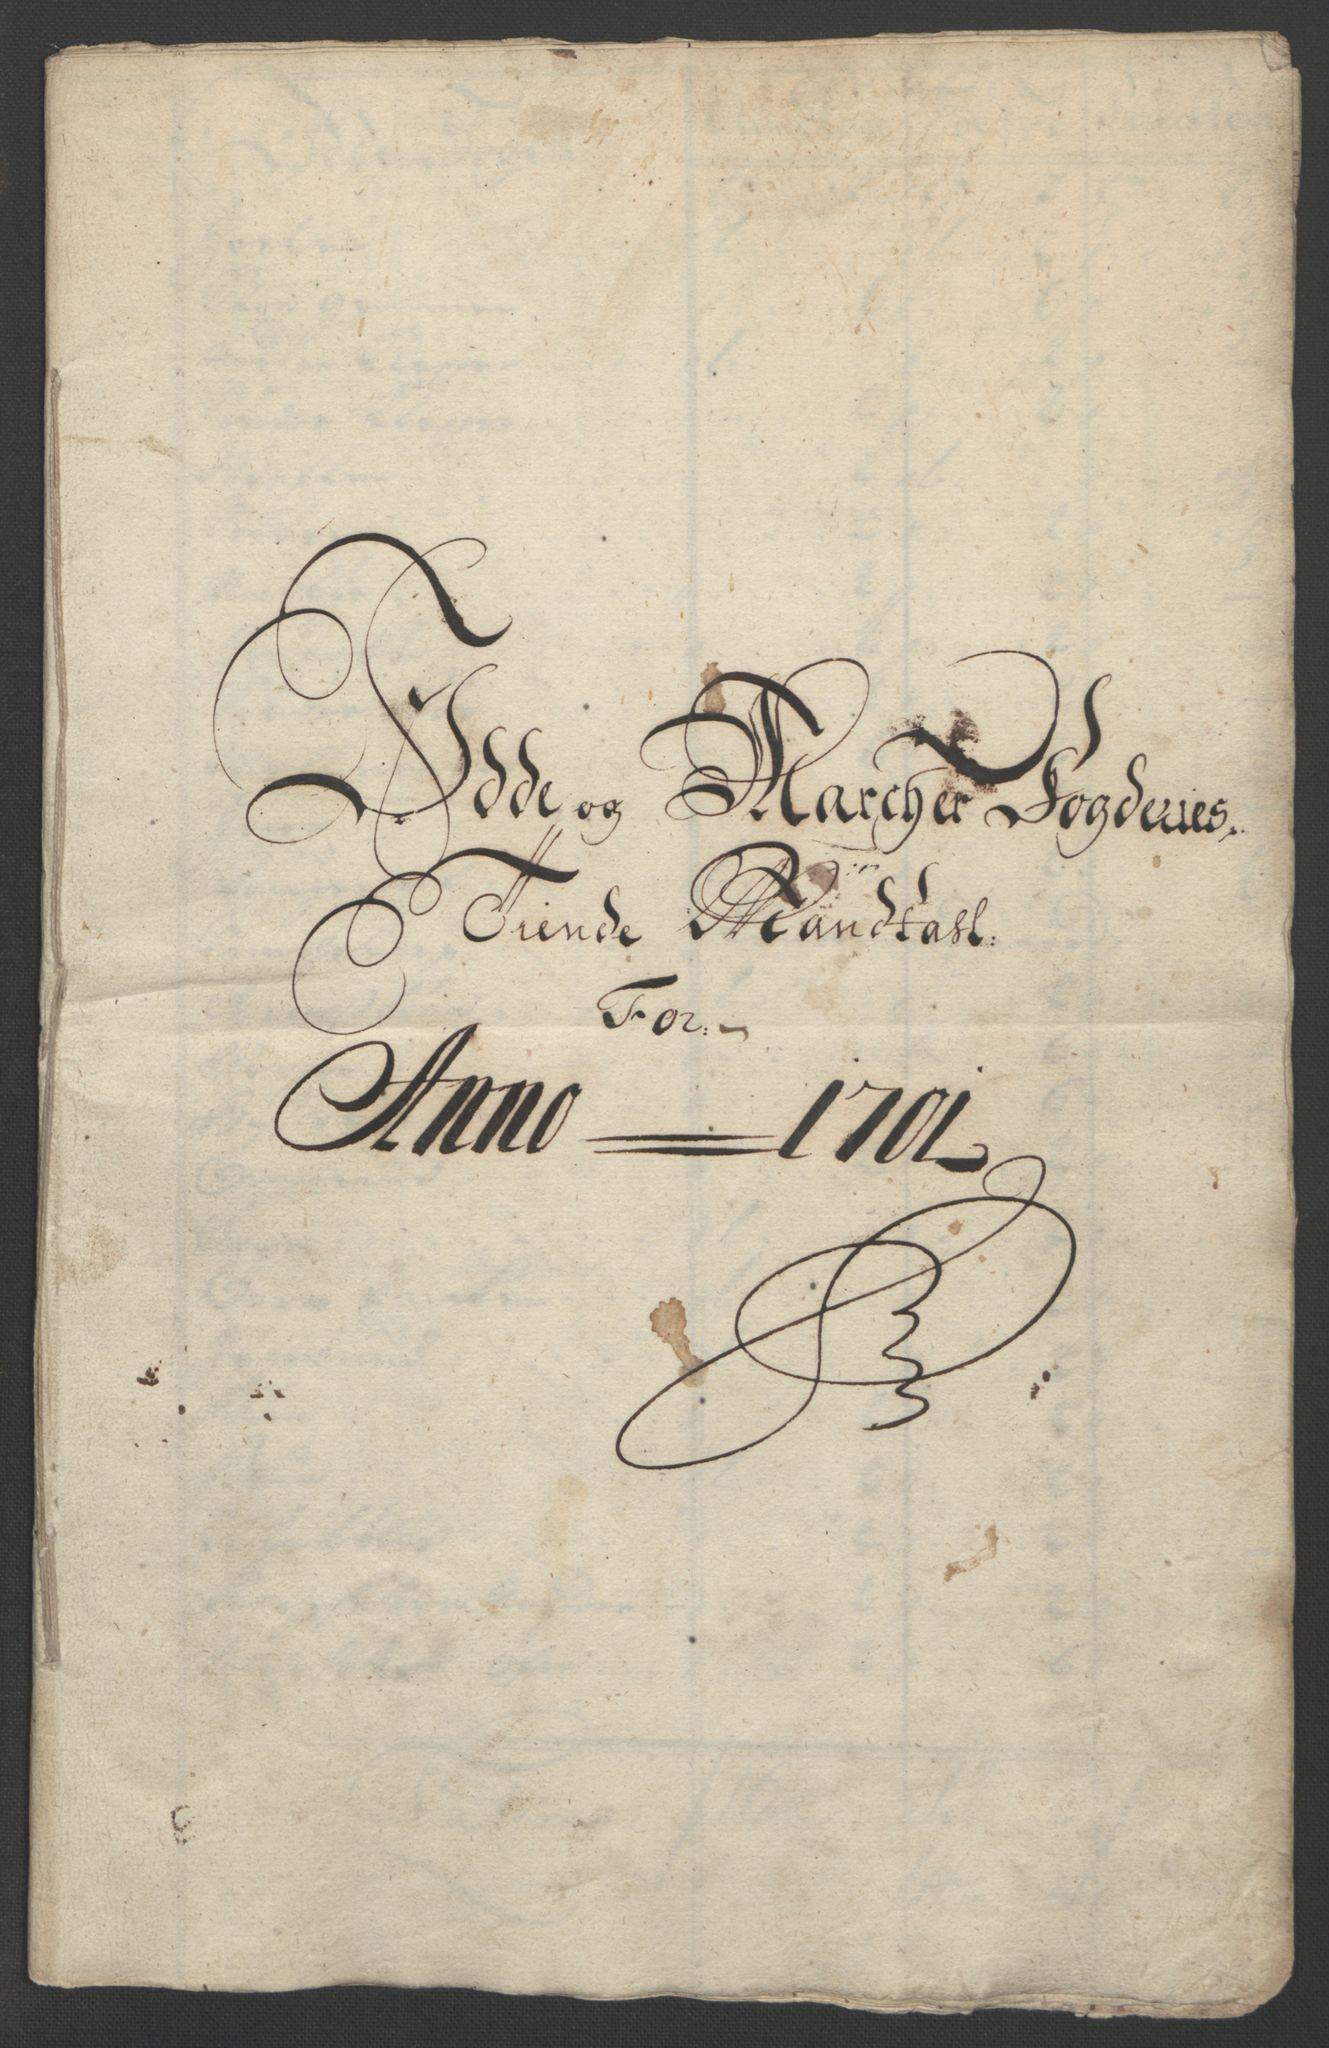 RA, Rentekammeret inntil 1814, Reviderte regnskaper, Fogderegnskap, R01/L0015: Fogderegnskap Idd og Marker, 1700-1701, s. 219